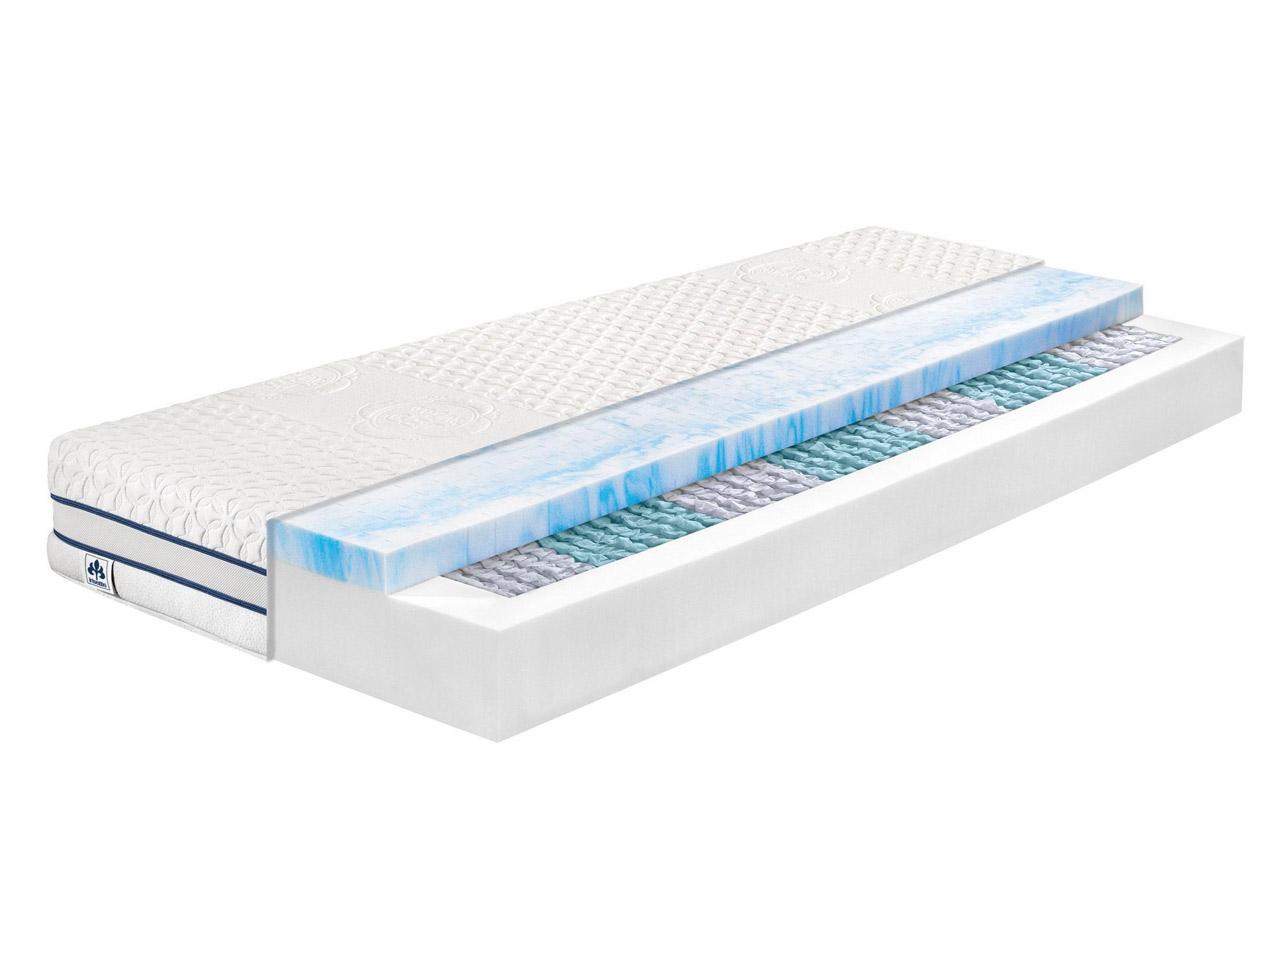 irisette taschenfederkern matratze classic ttfk mit gel active auflage. Black Bedroom Furniture Sets. Home Design Ideas